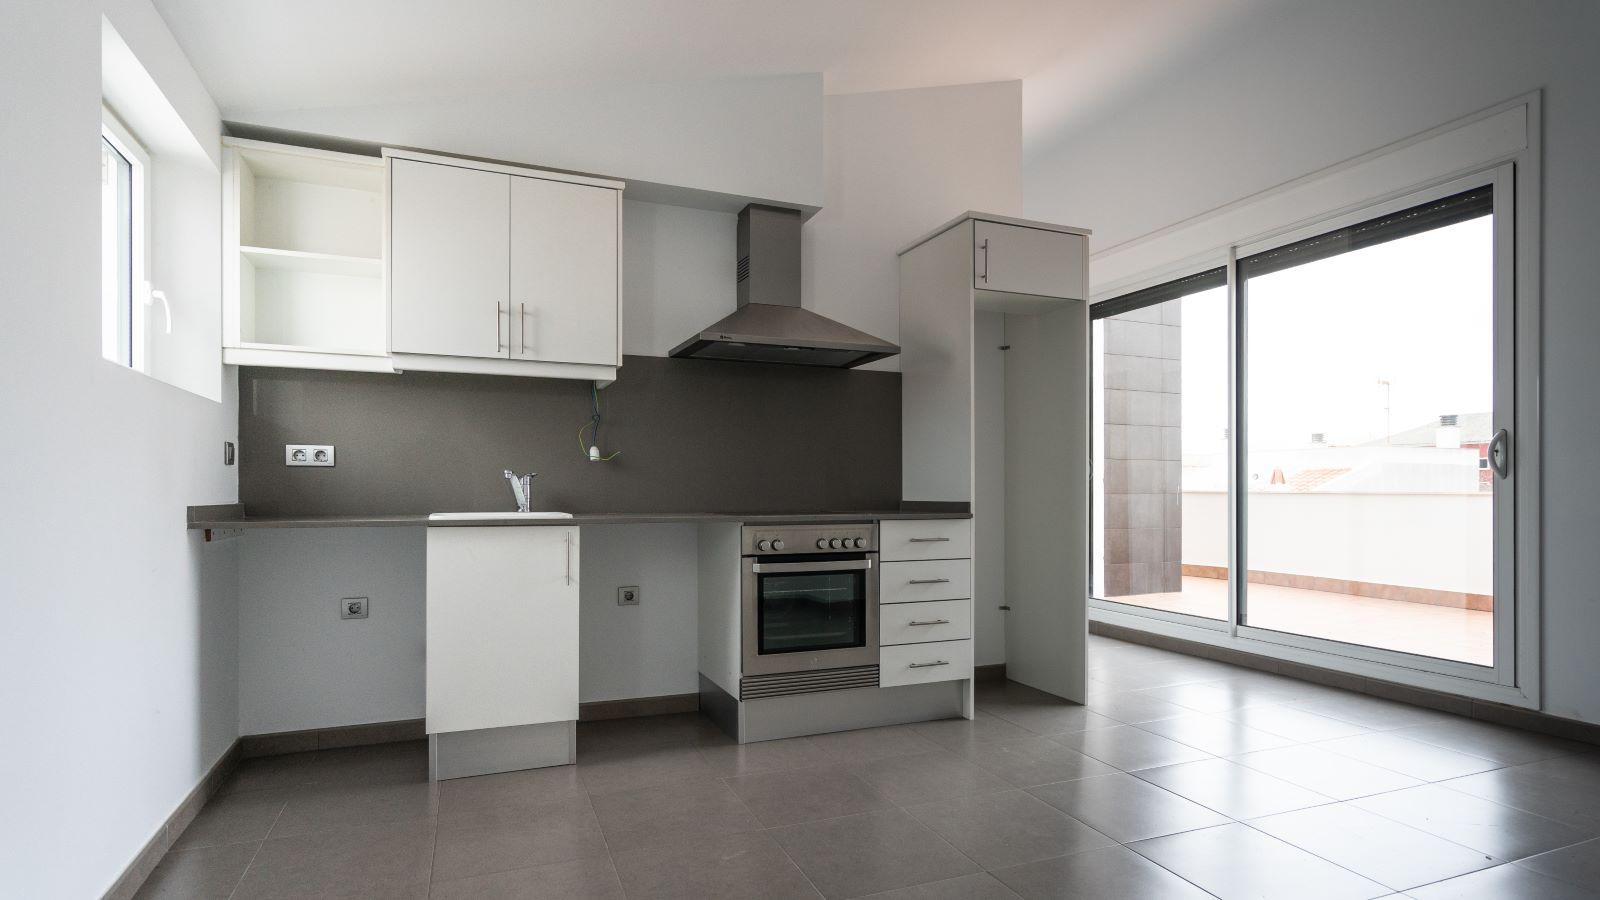 Flat in Es Castell Ref: V2138 (15) 2